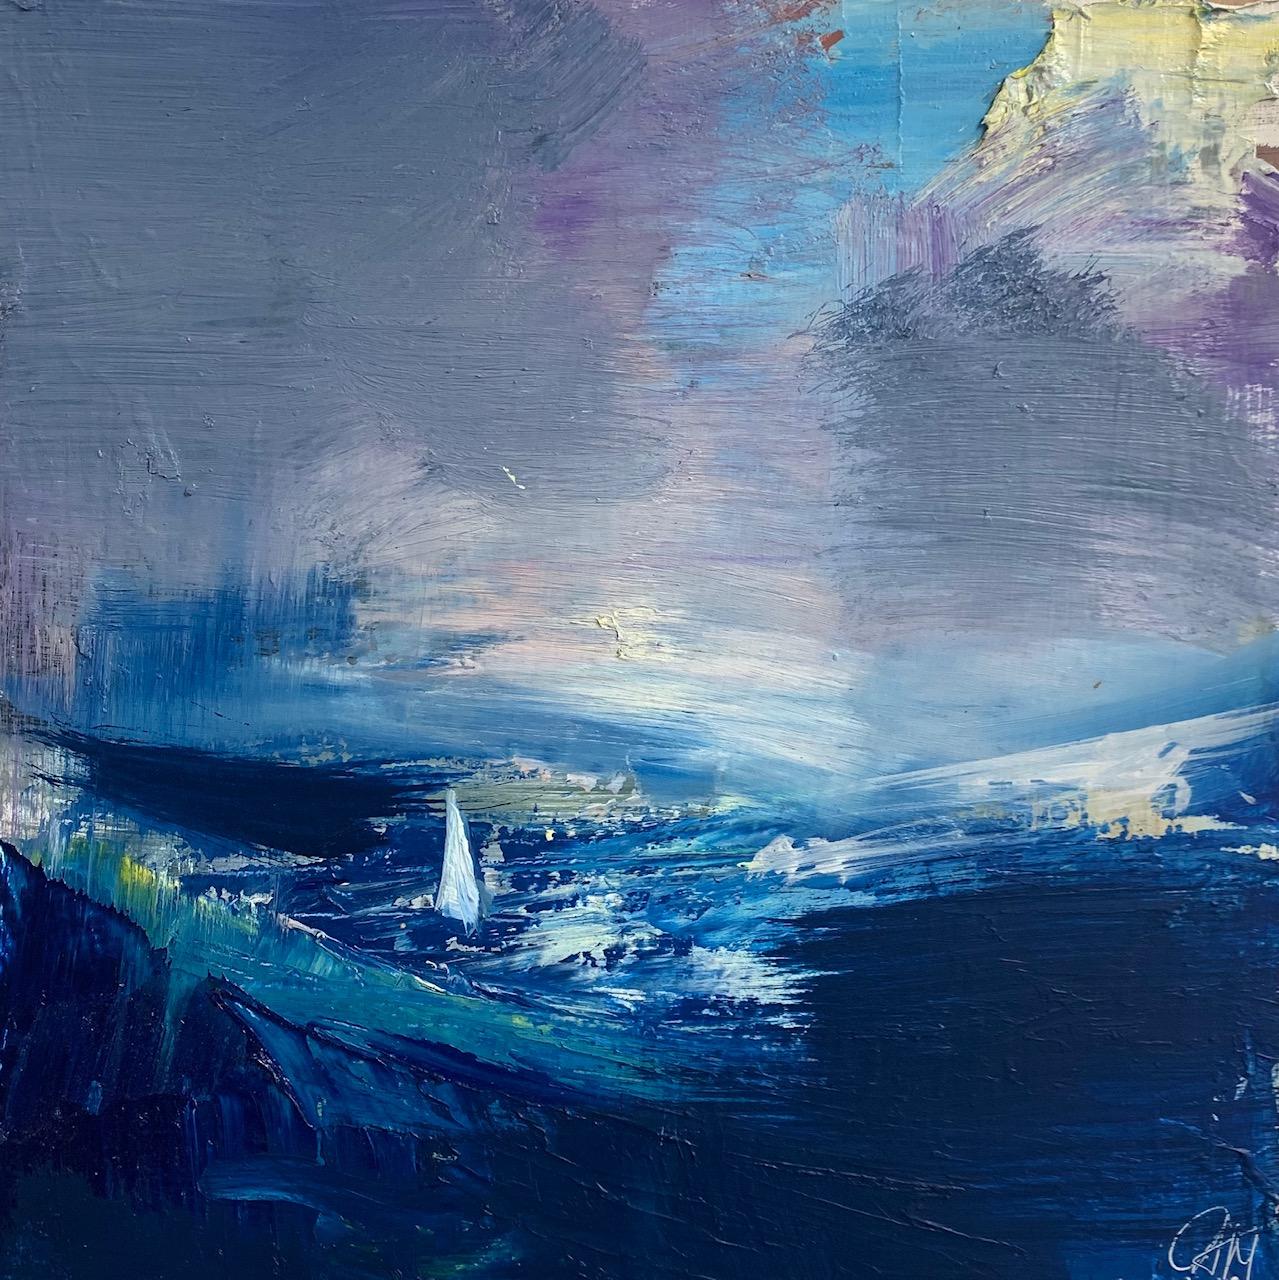 Tempest by  Craig Mooney - Masterpiece Online